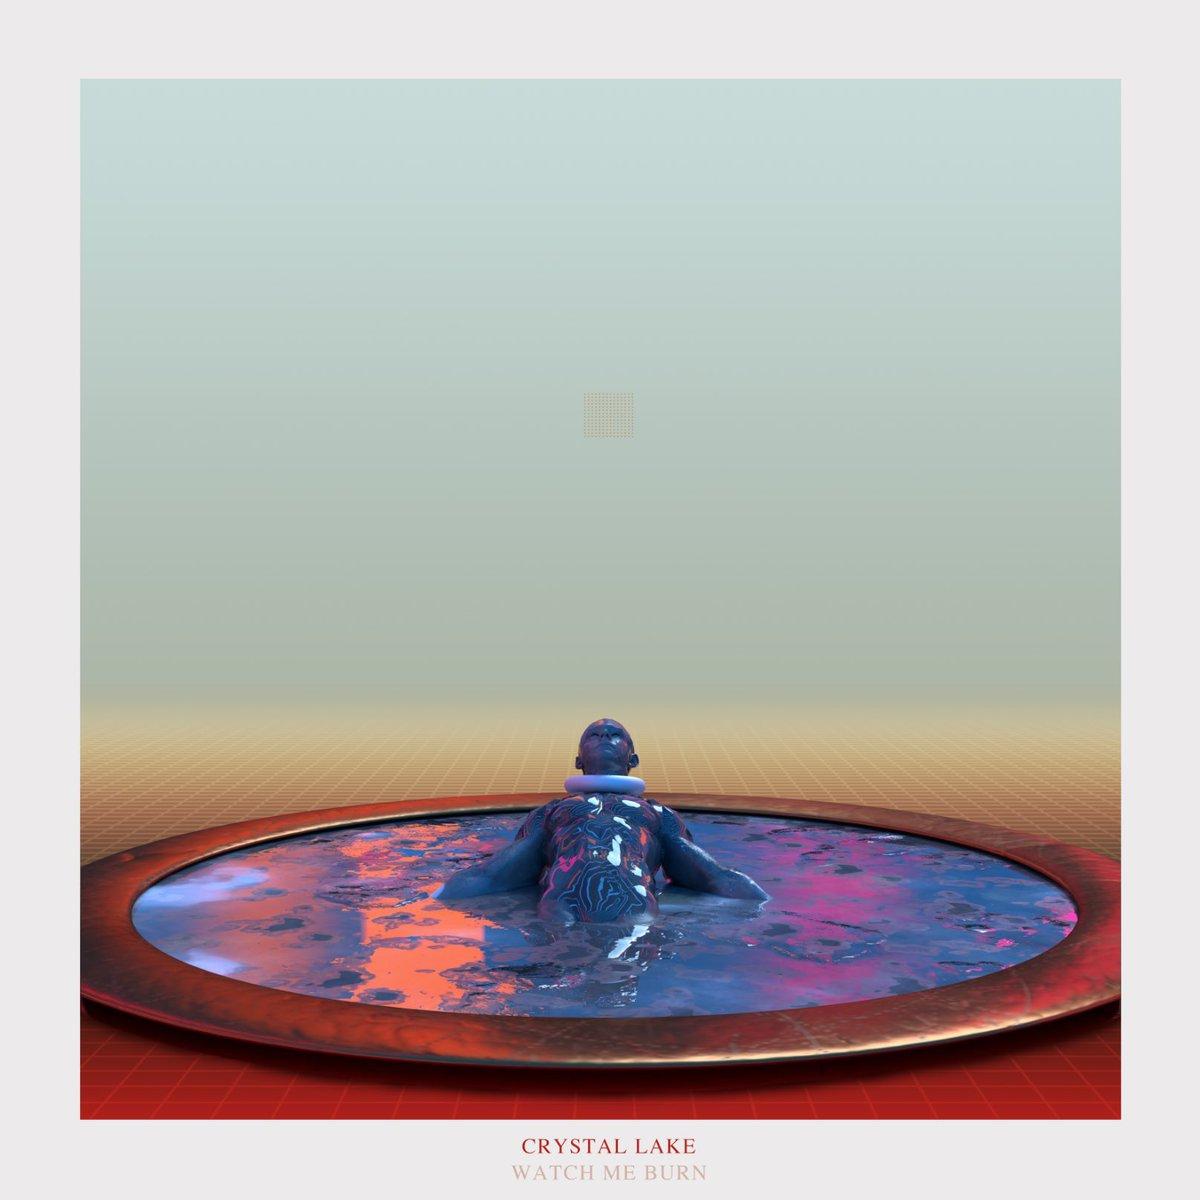 『Crystal Lake - WATCH ME BURN』収録の『WATCH ME BURN』ジャケット